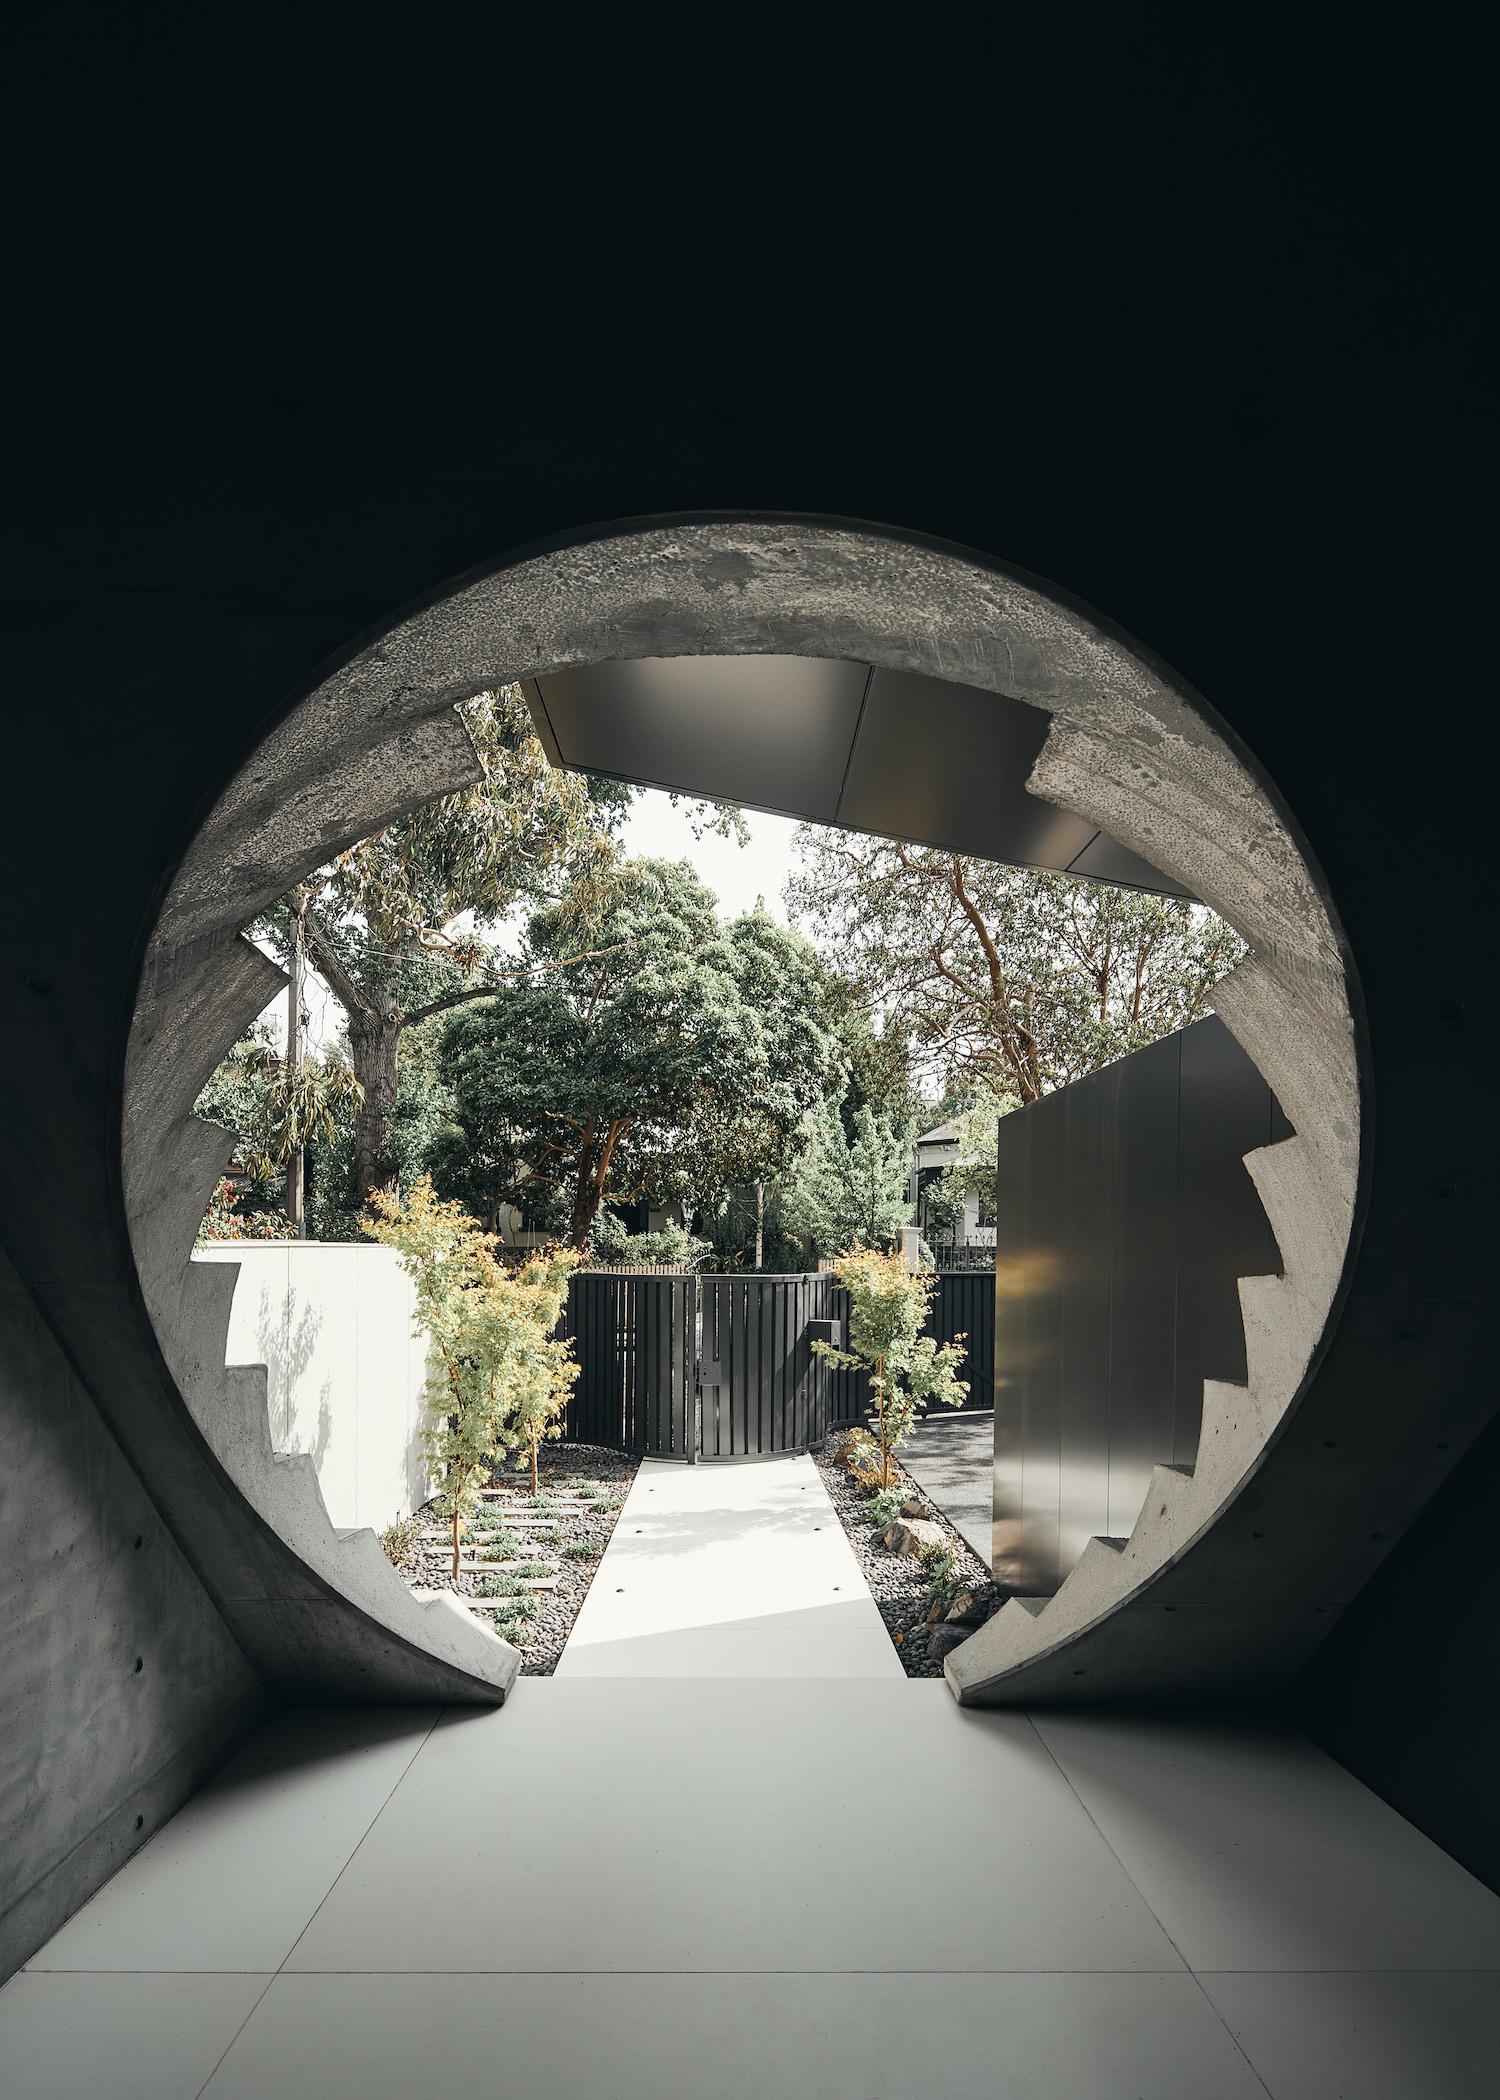 circular entrance of the house